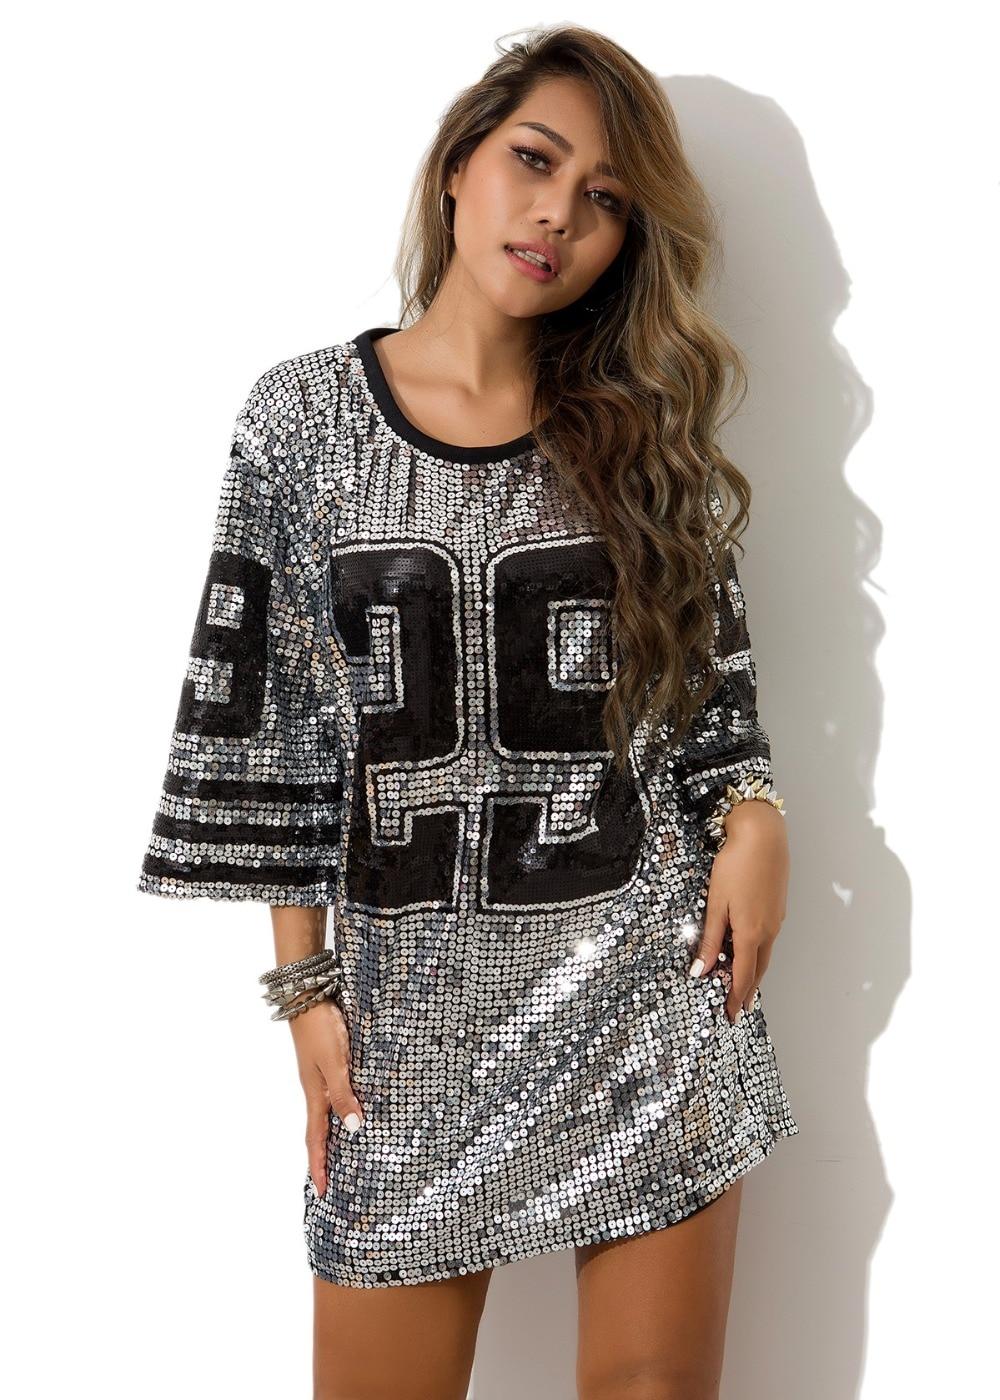 12 Sequin Dress